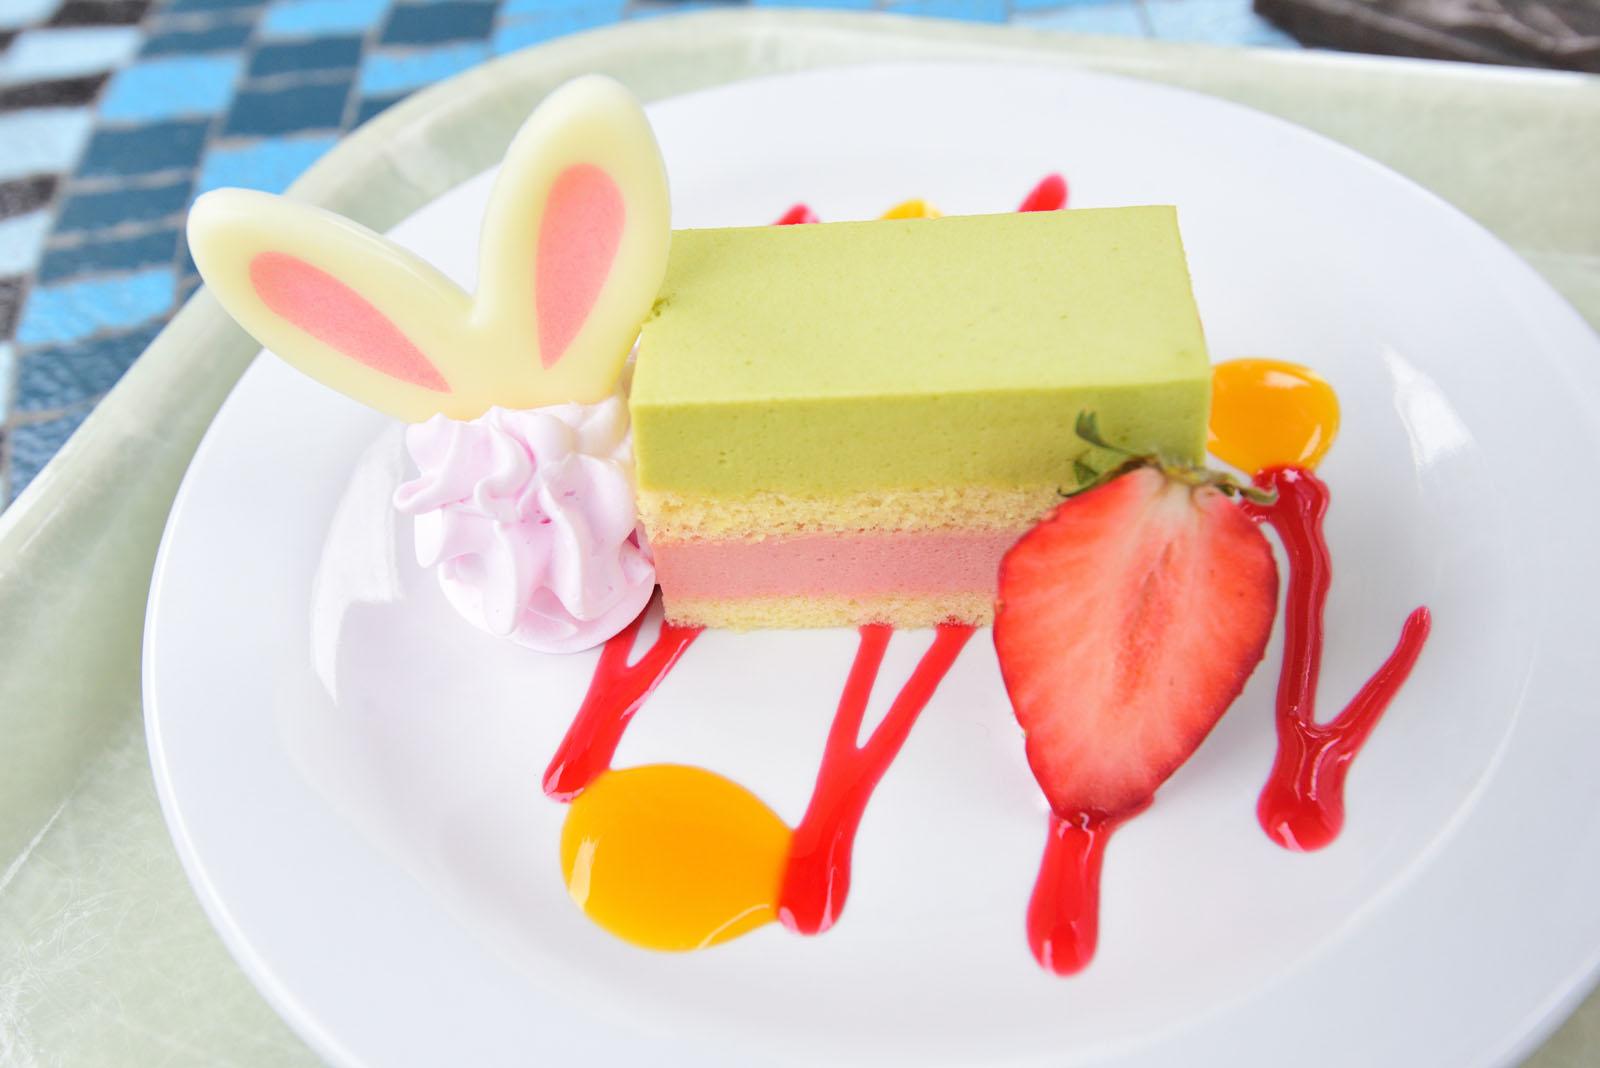 プラザパビリオン・レストラン  ディズニー・イースター2019 スペシャルセット ピスタチオ&ストロベリームースケーキ